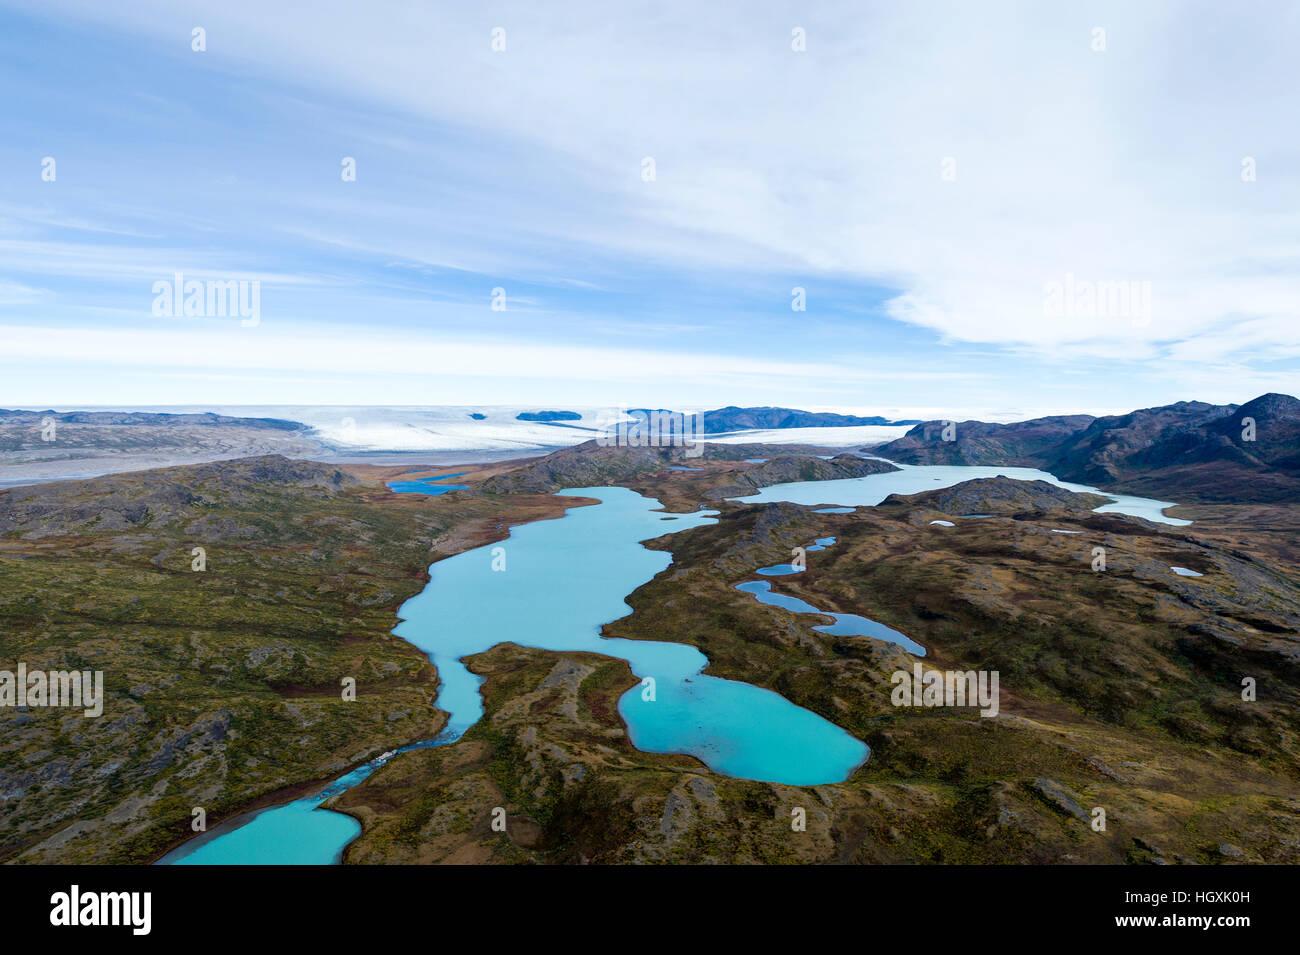 Türkisblauen Gletscherseen auf einem Plateau, Highland Tundra. Stockbild